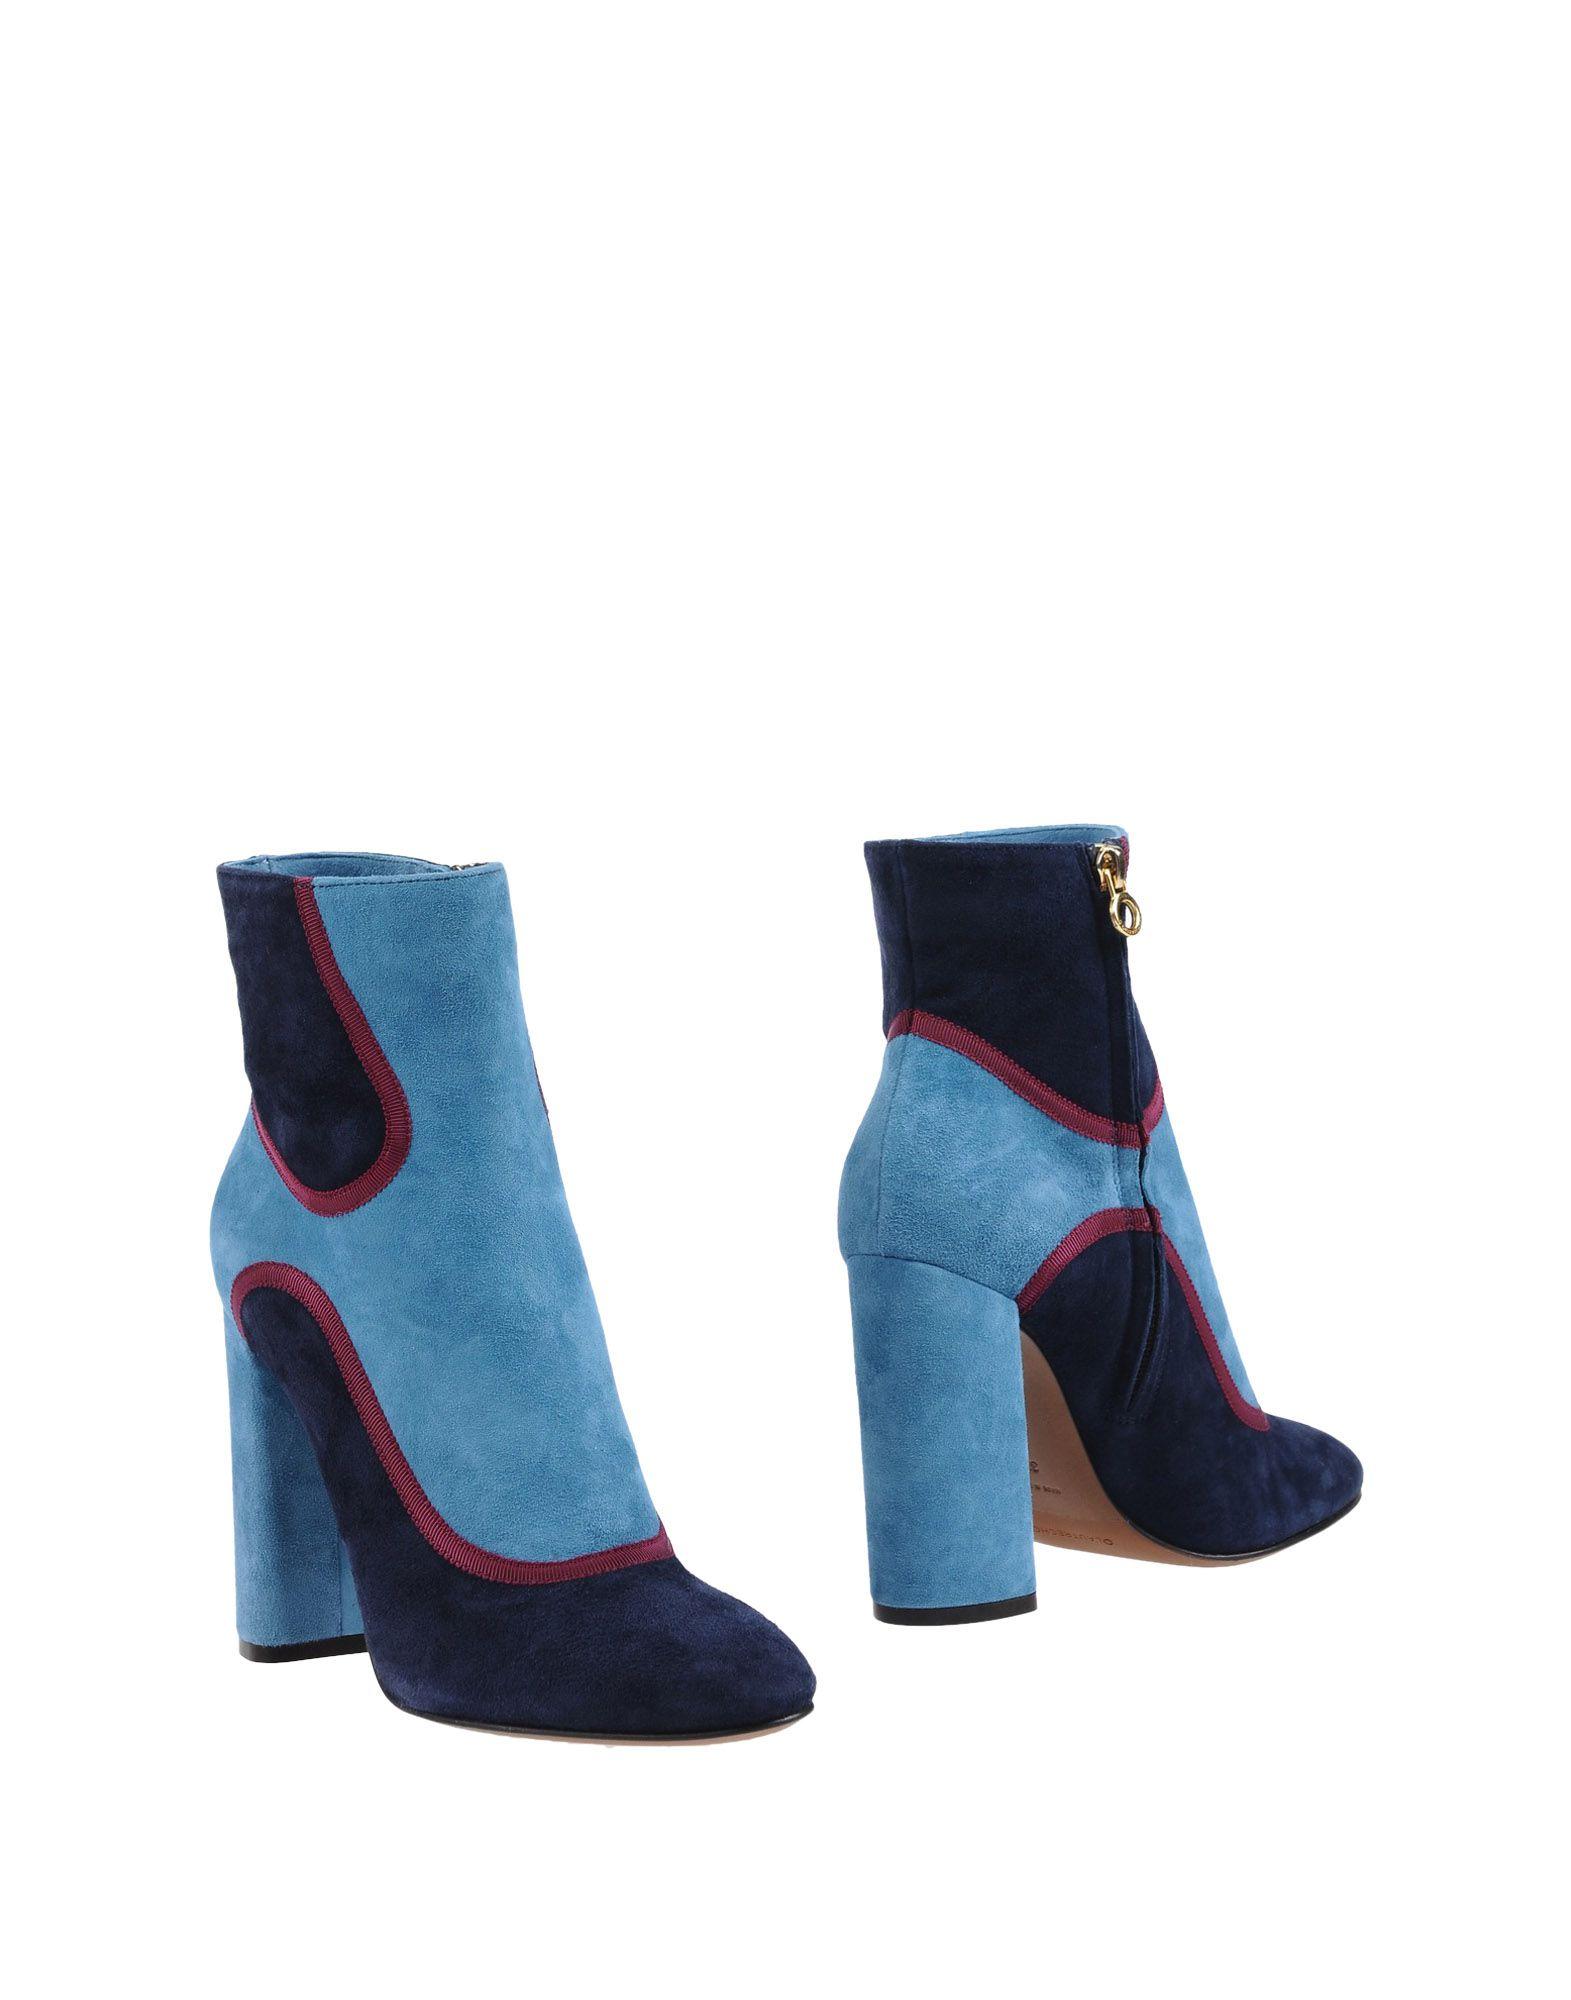 L' Autre Chose Stiefelette Schuhe Damen  11256635XUGut aussehende strapazierfähige Schuhe Stiefelette cdbb24